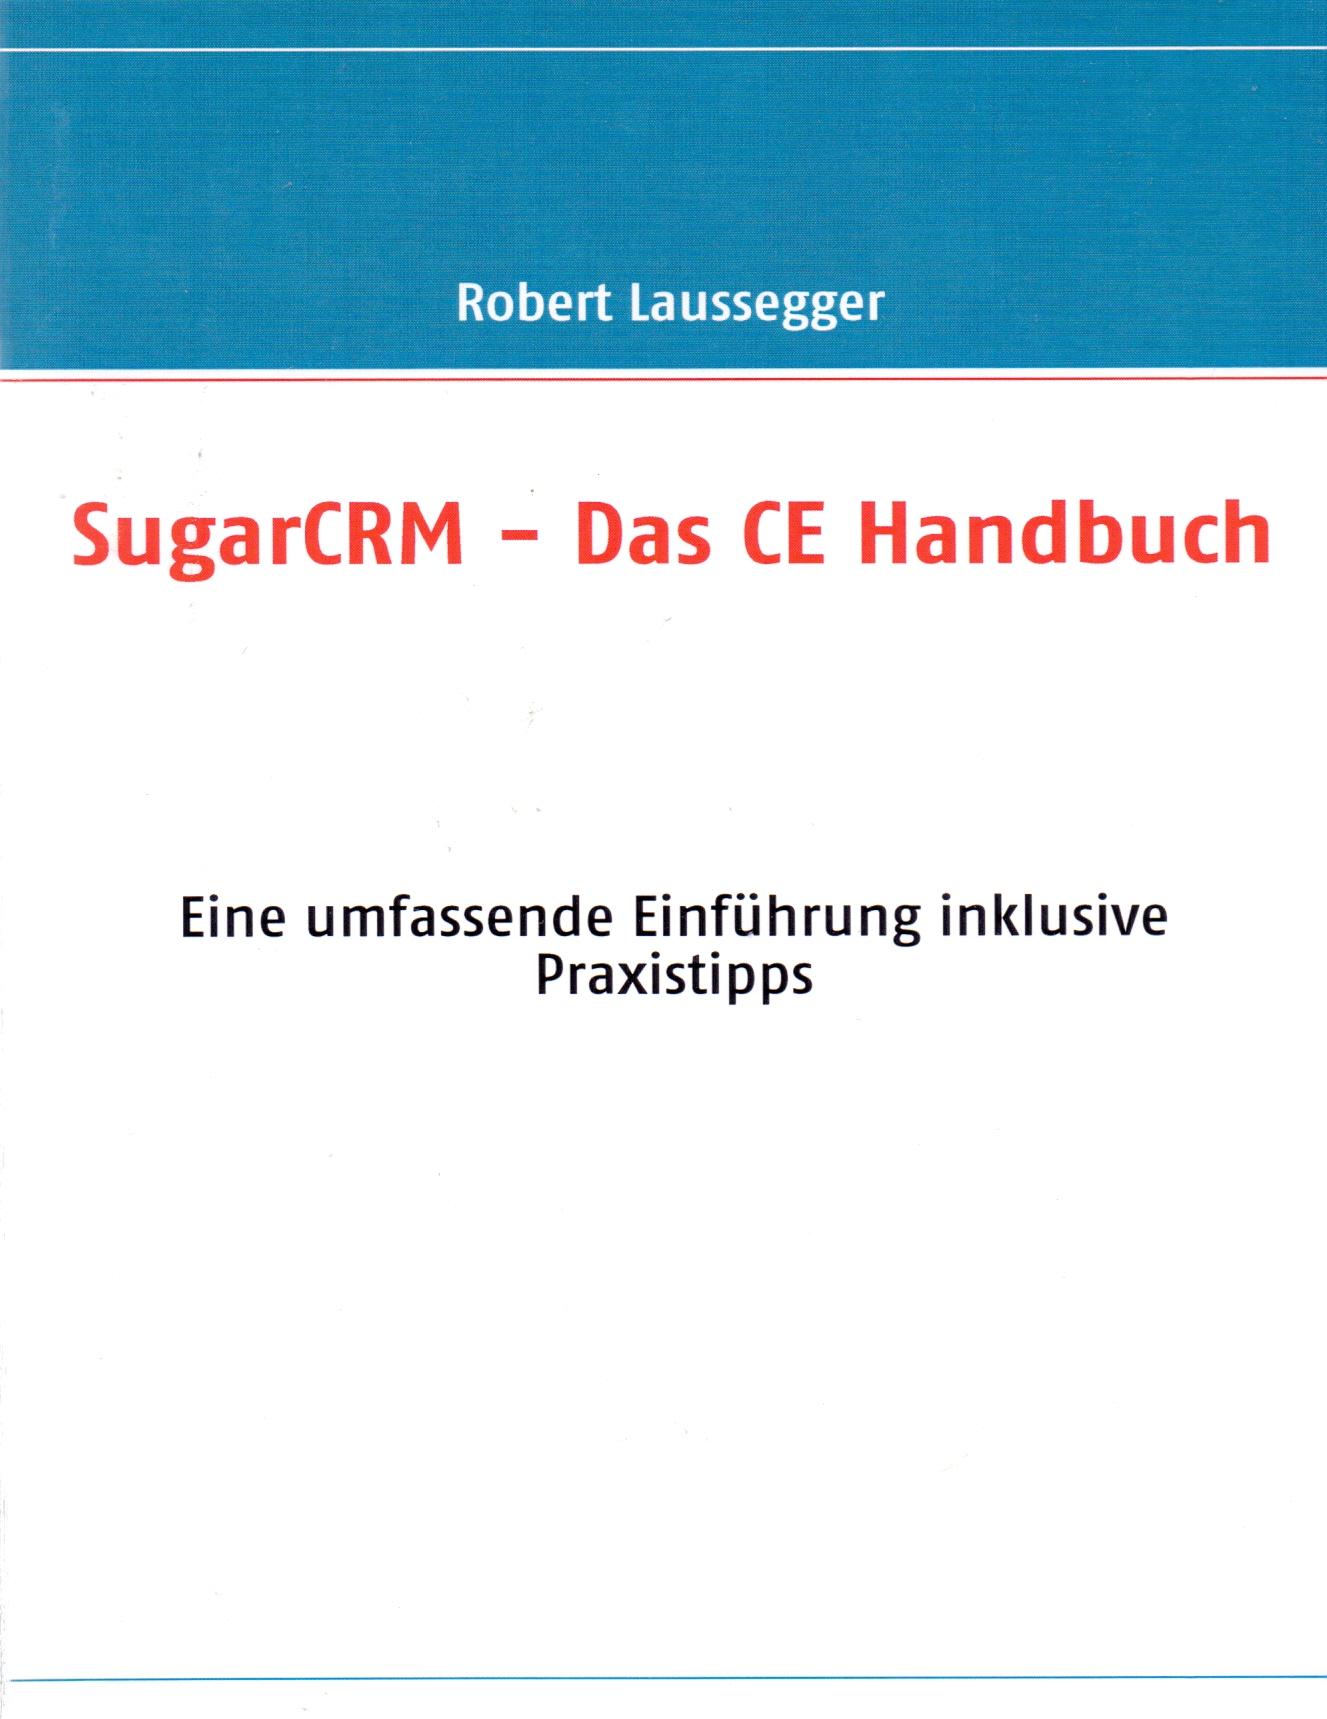 SugarCRM - Das Handbuch: Für Version CE und Professional - Robert Laussegger [Taschenbuch, 2. Auflage 2009]